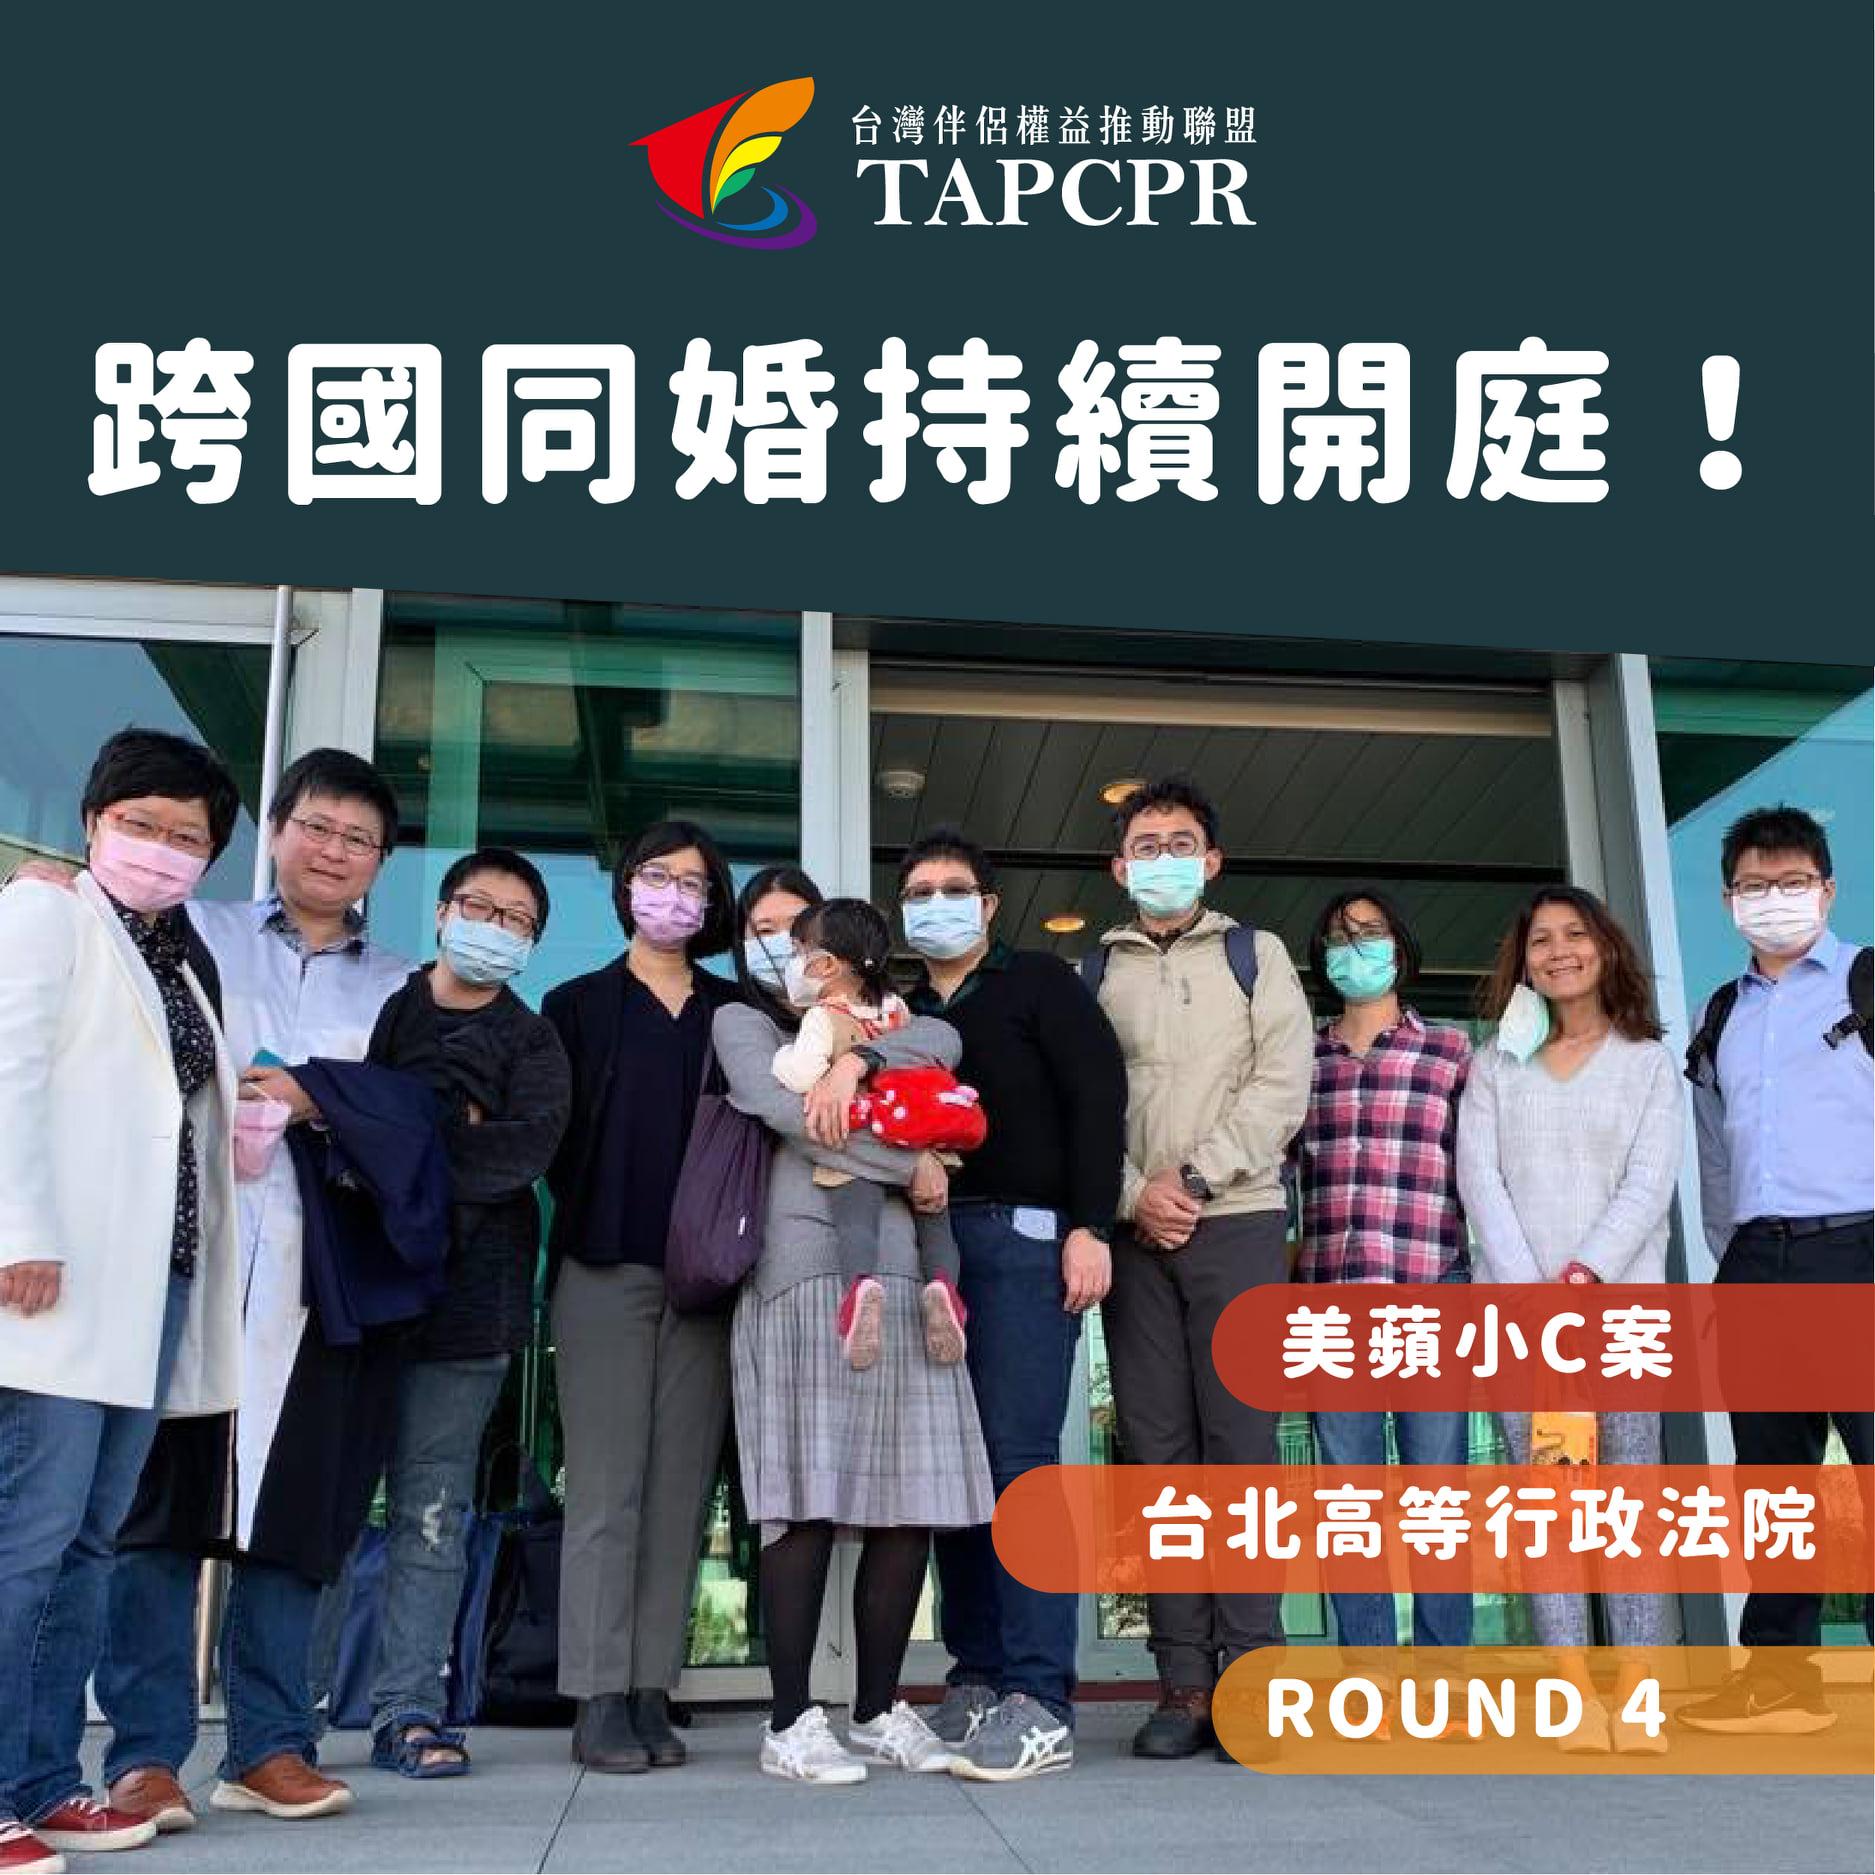 台灣新加坡跨國同性伴侶美蘋&小C案今日開庭紀要。